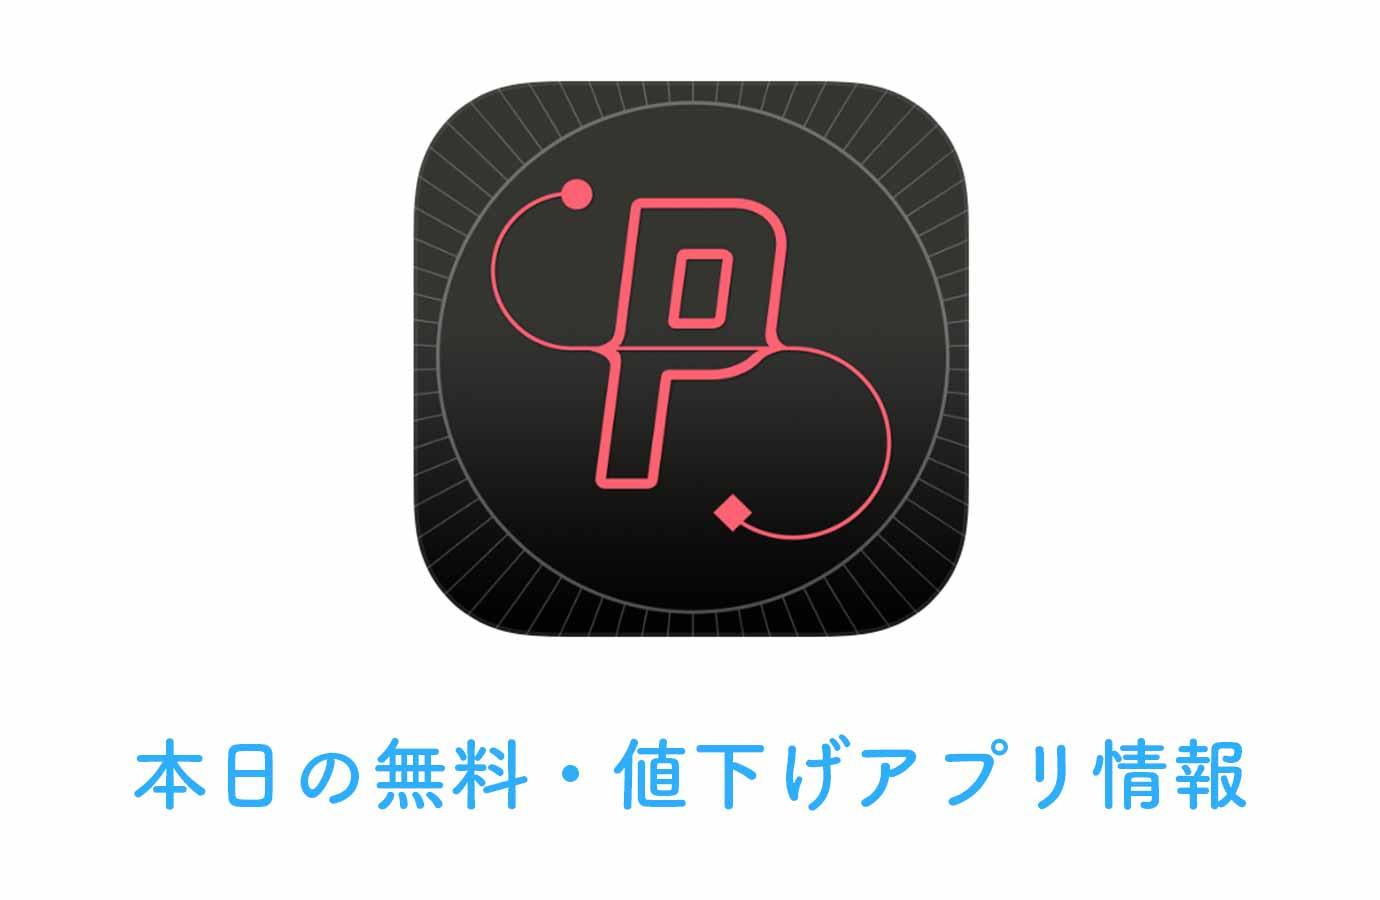 【240円→無料】なぞった線に文字を並べられる写真加工アプリ「Path on」など【2/3】本日の無料・値下げアプリ情報